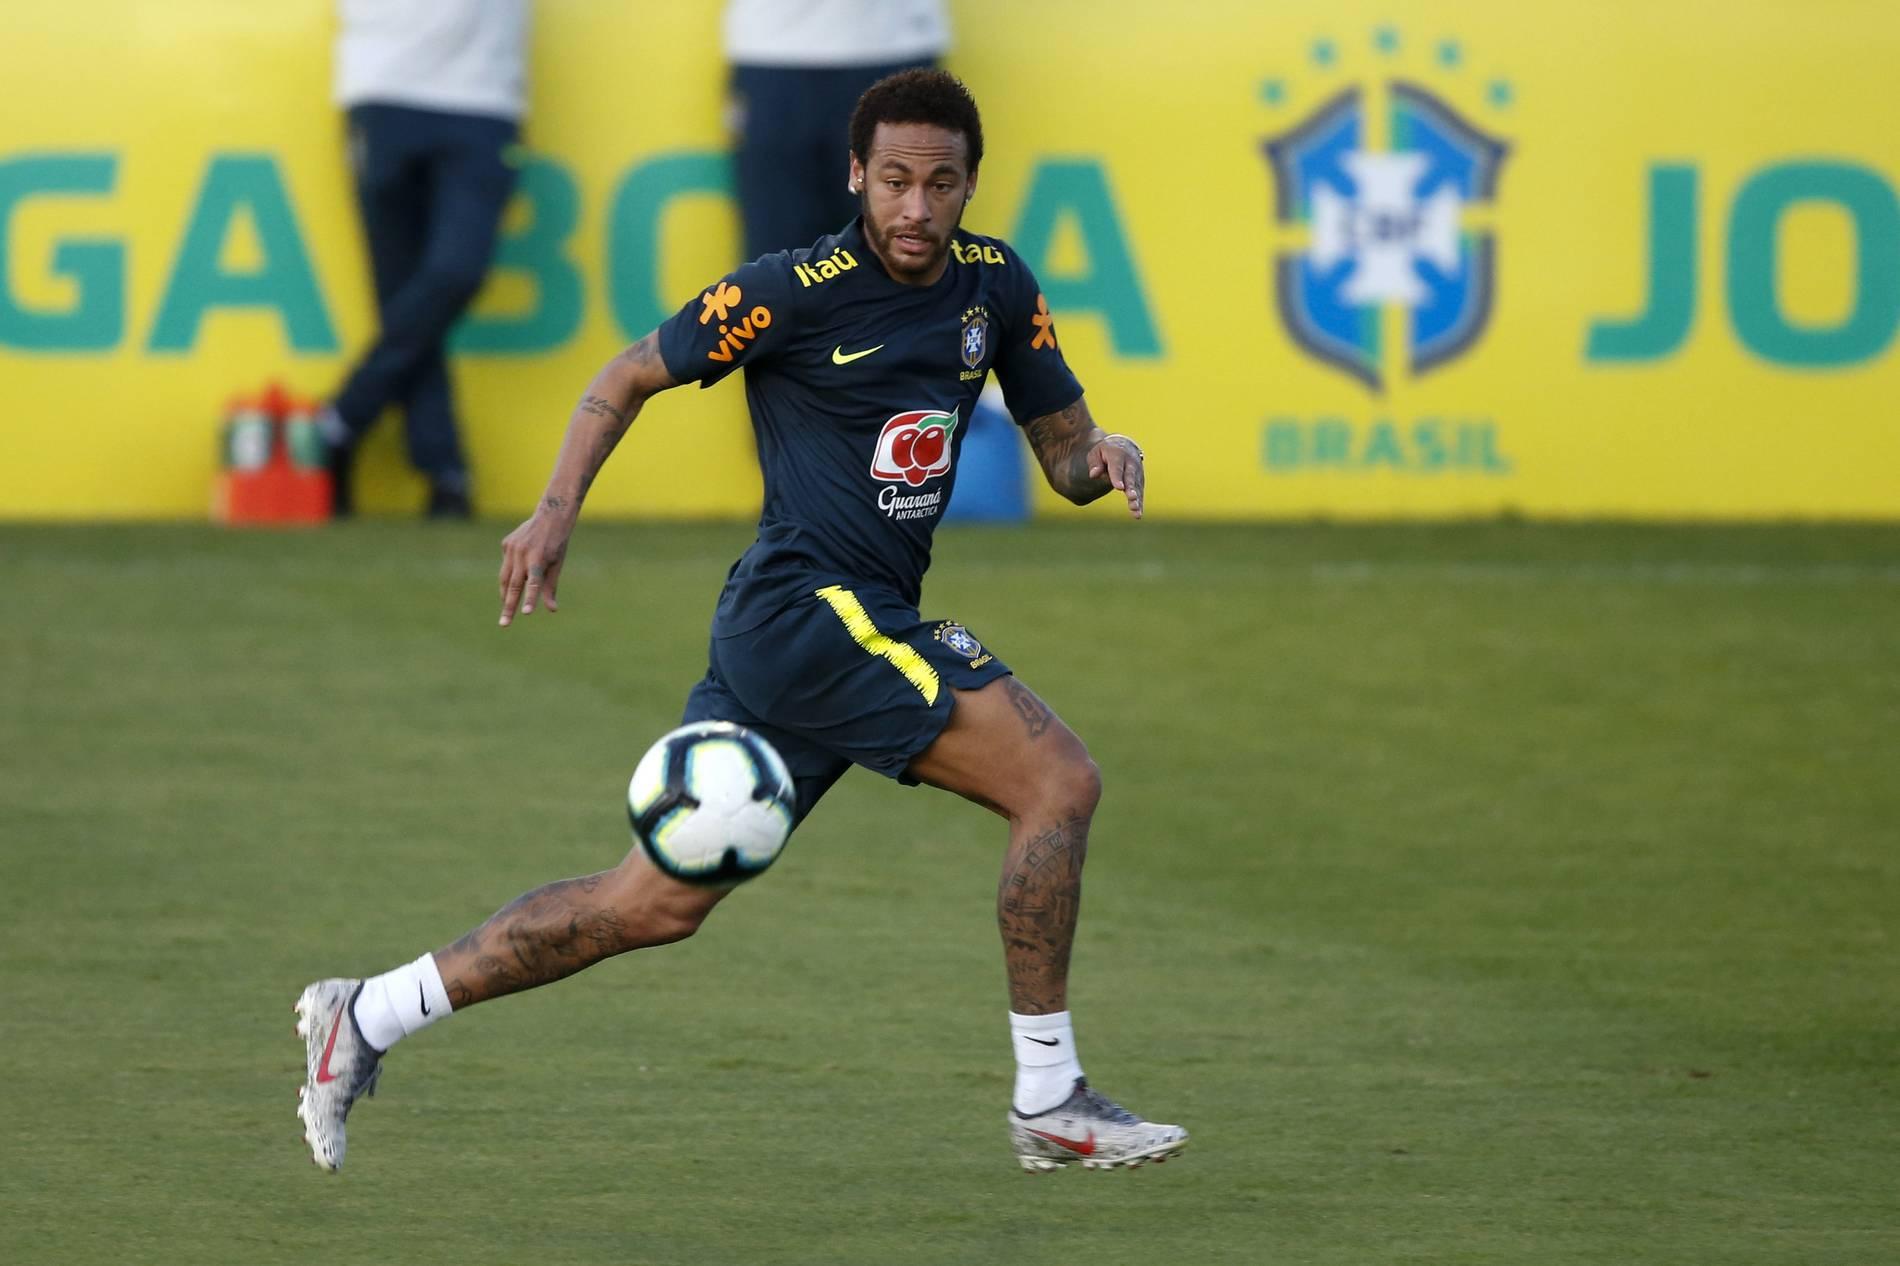 Vergewaltigungsvorwürfe: Neymar bestreitet alles